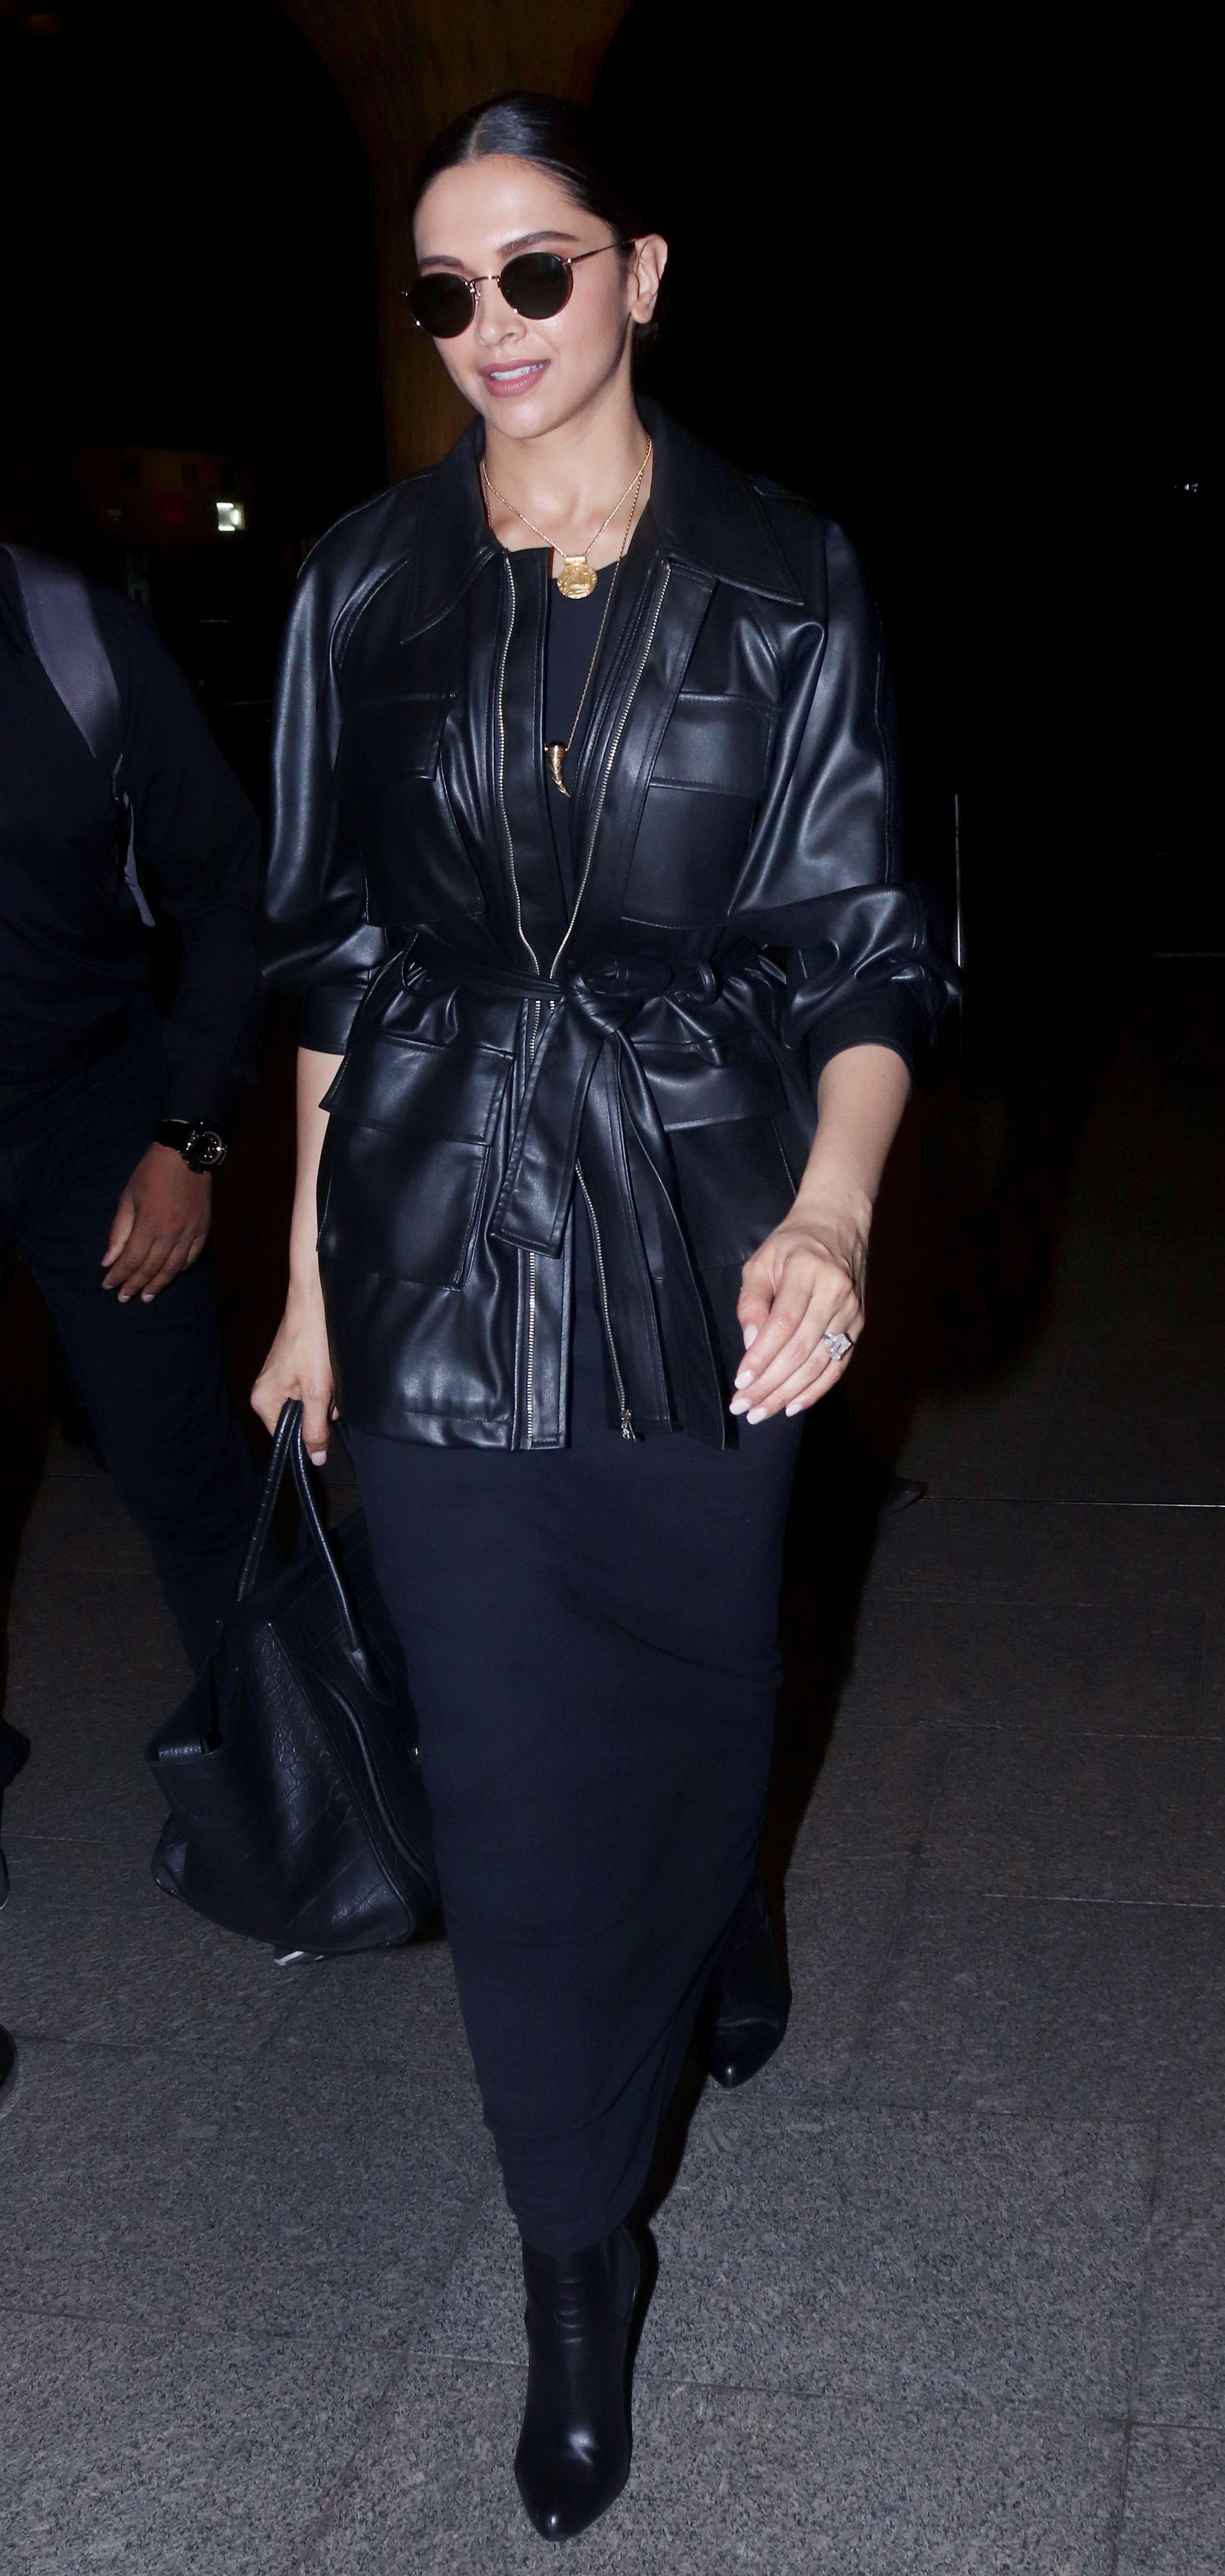 ब्लैक कलर के कपड़ो में खूबसूरत दिखाई दी